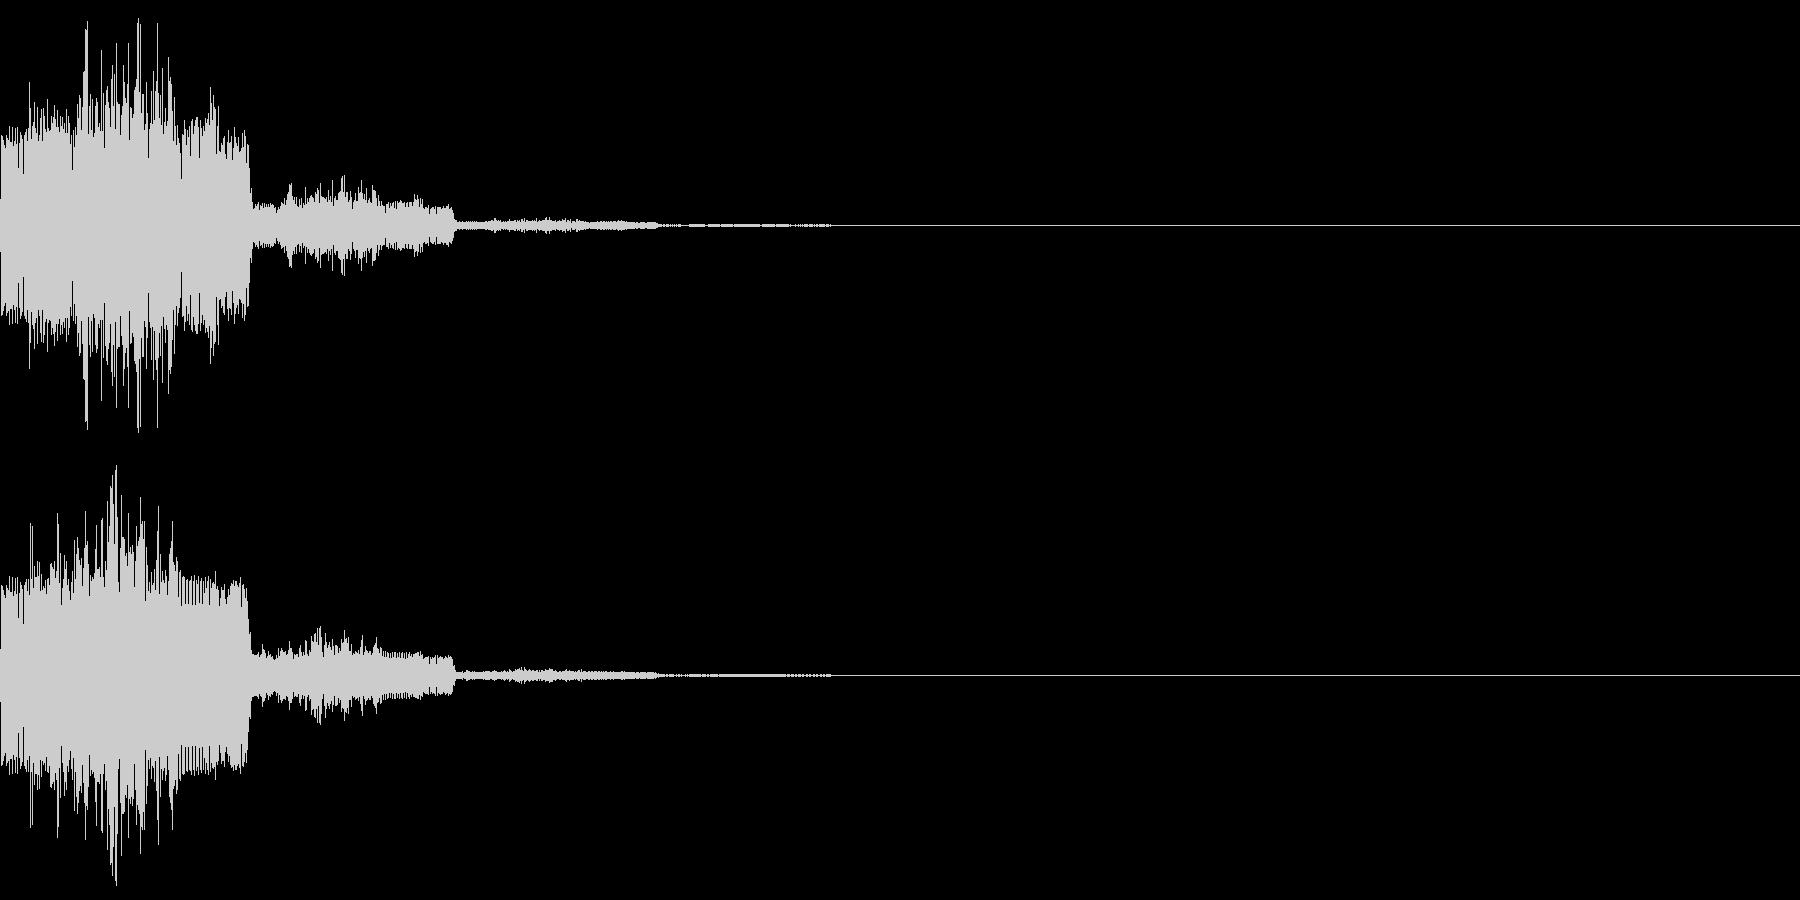 キャンセル音12(シンセ系Q)の未再生の波形